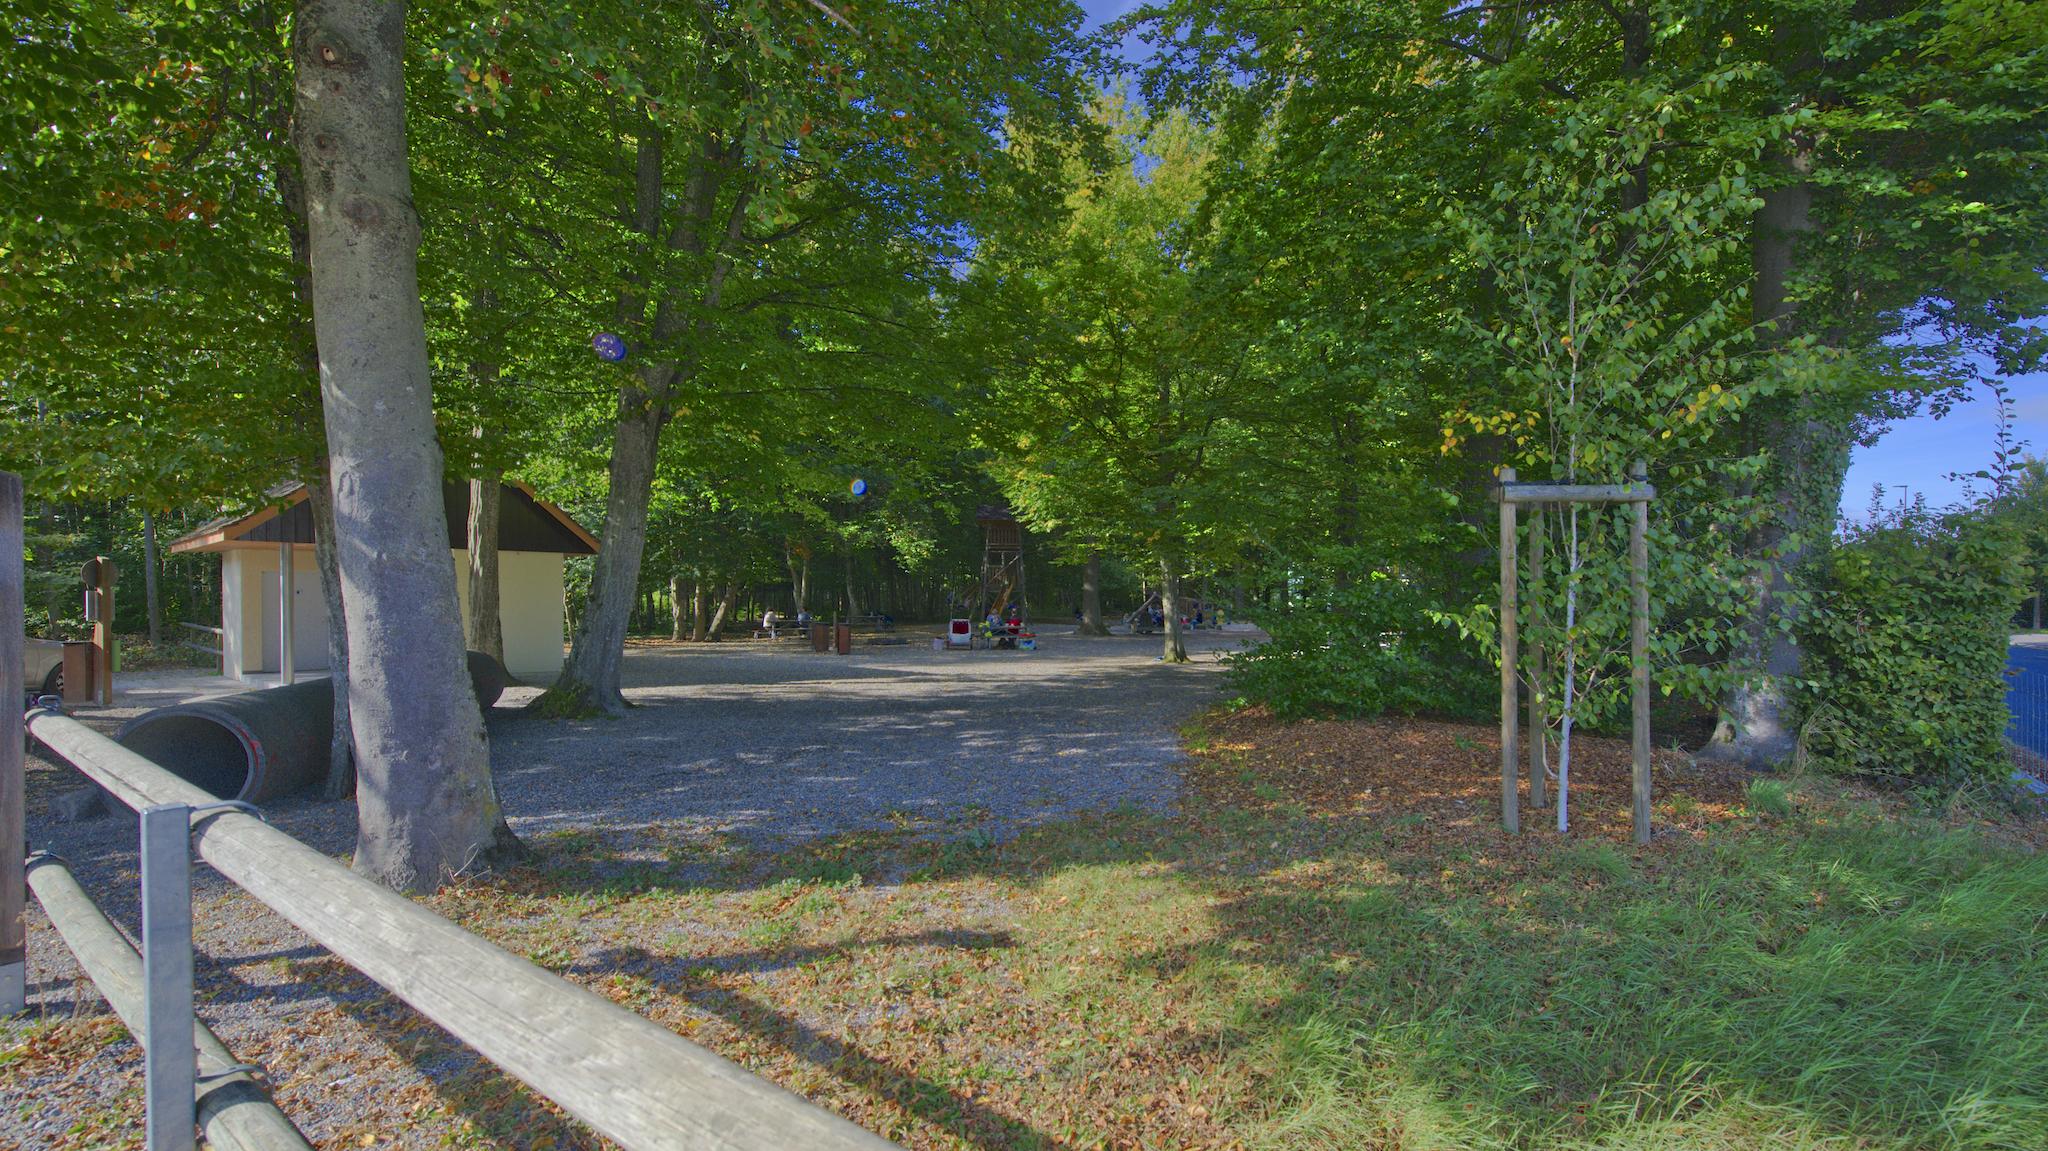 Der angrenzende Wald mit dem Spielplatz